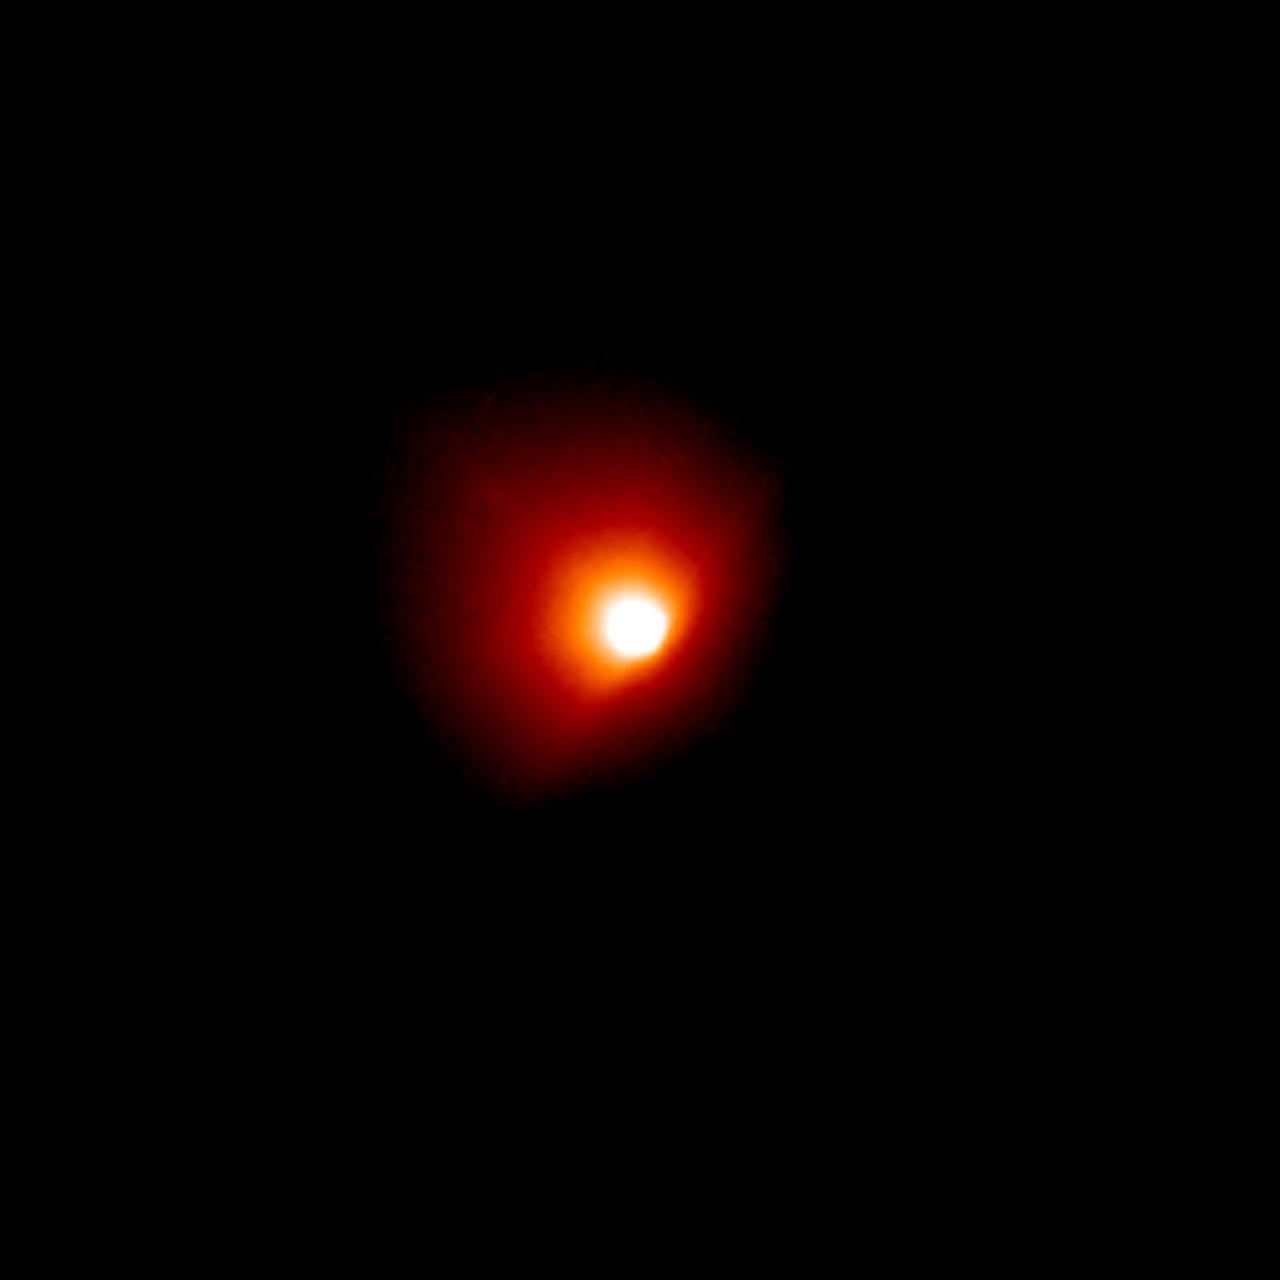 Comet Linear (July 5, 2000)